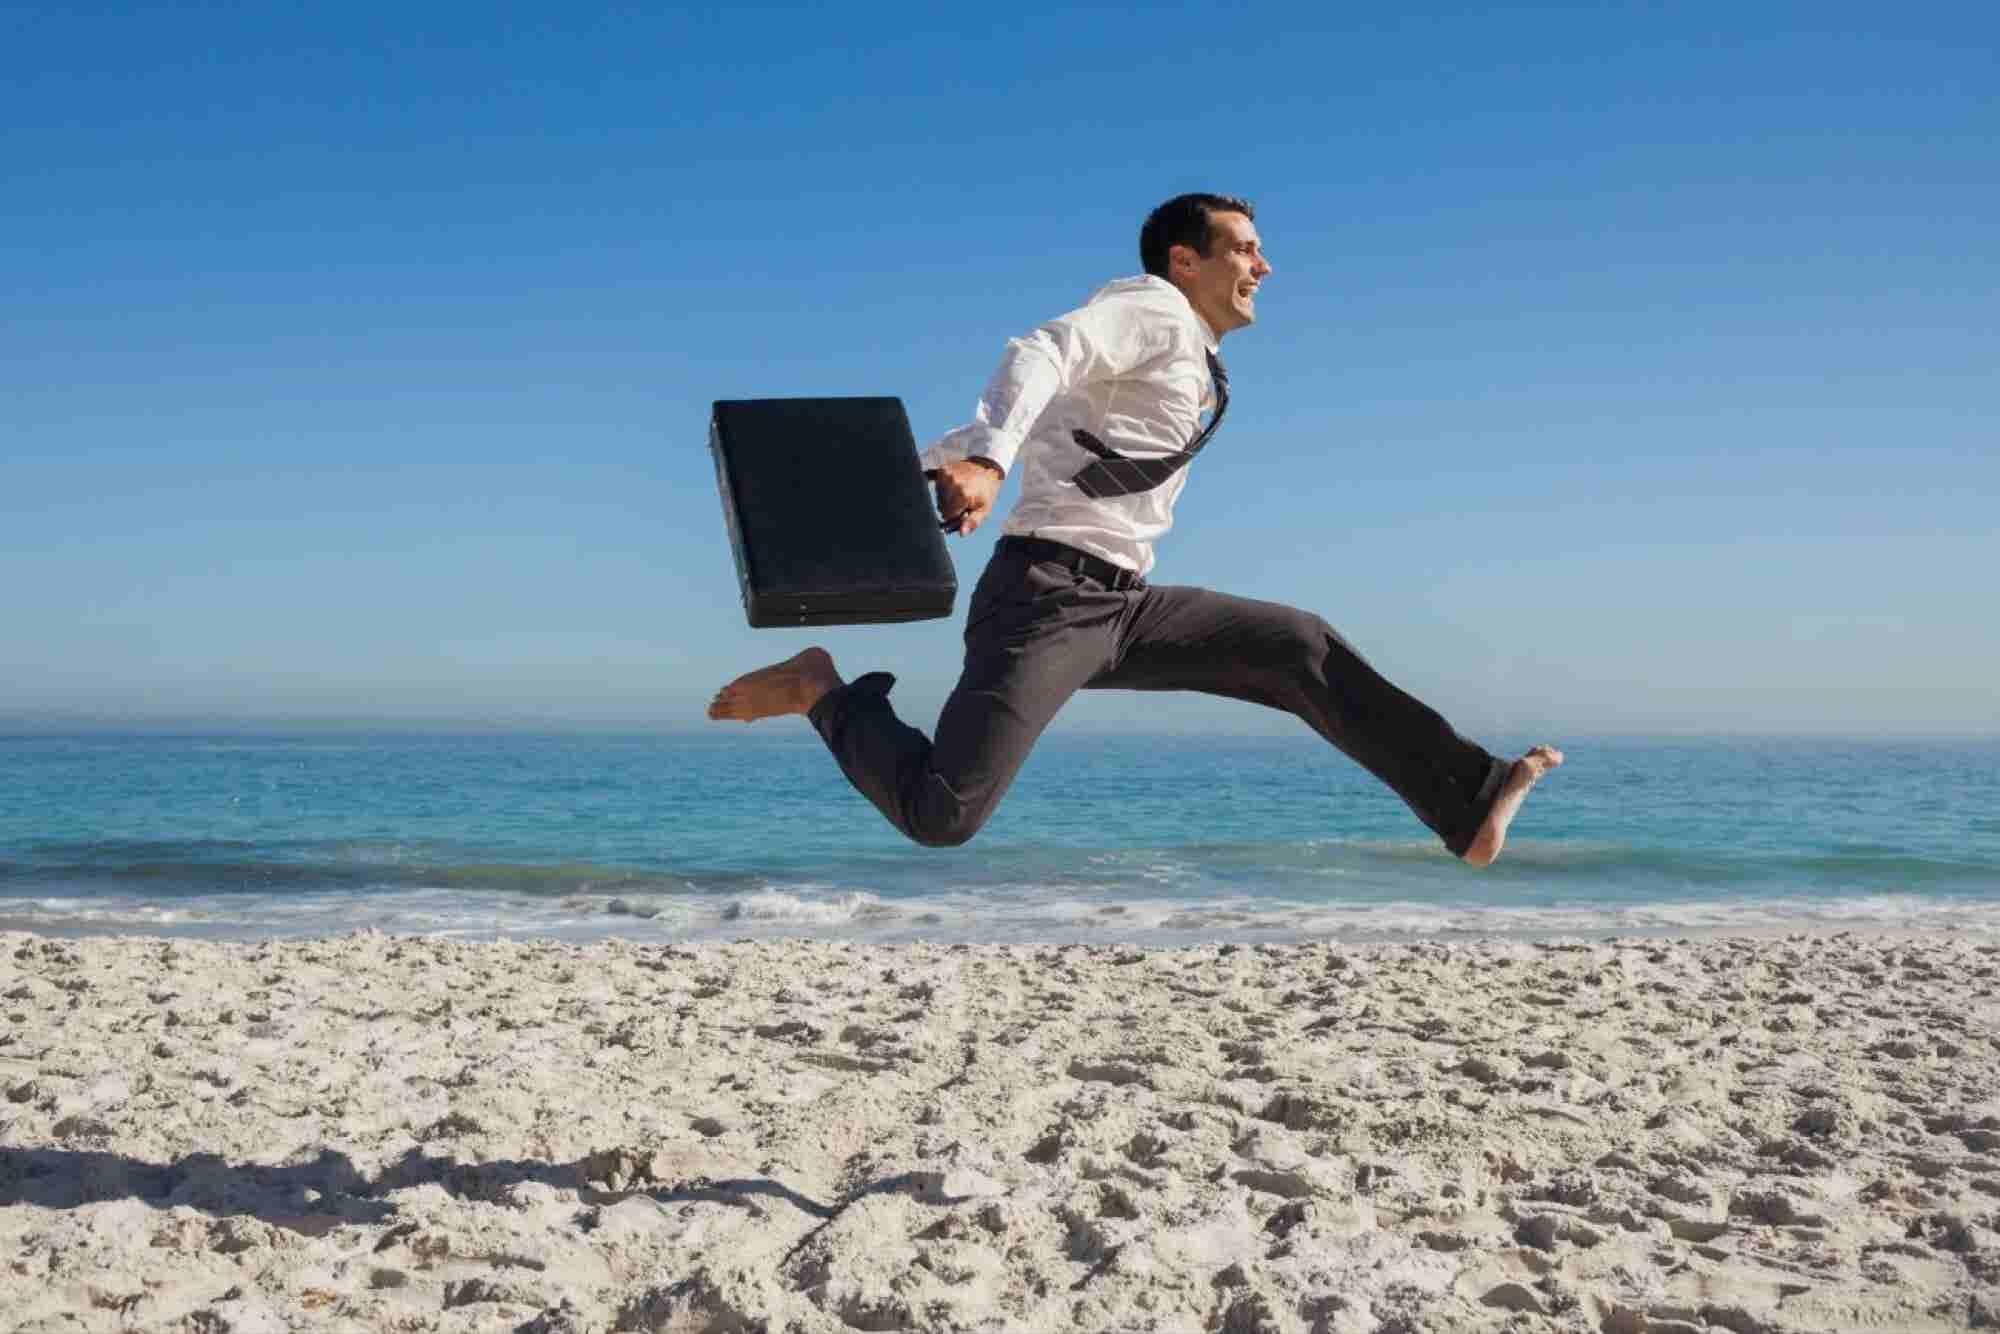 5 pasos para alcanzar la libertad (y no ser el empresario más rico del panteón)